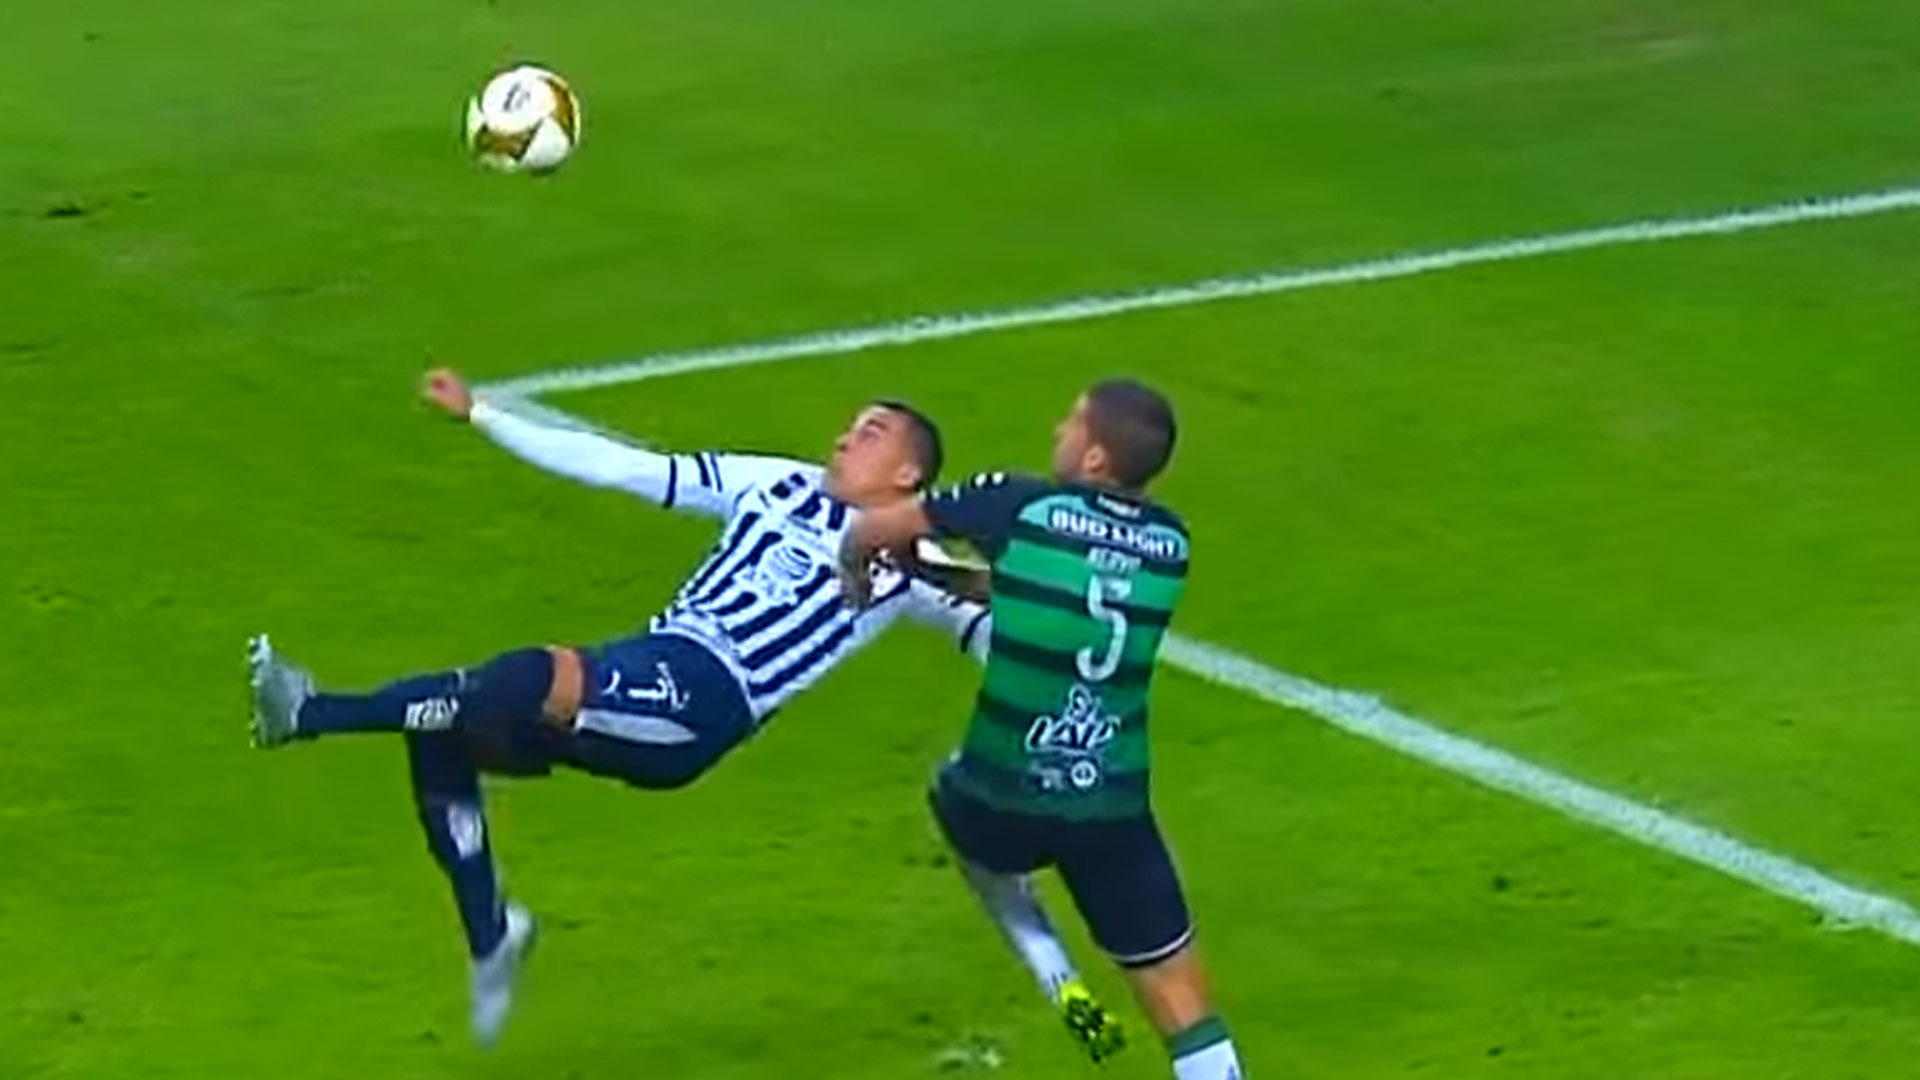 Recientemente el argentino anotó un golazo de chilena con los Rayados de Monterrey (Foto: Archivo)